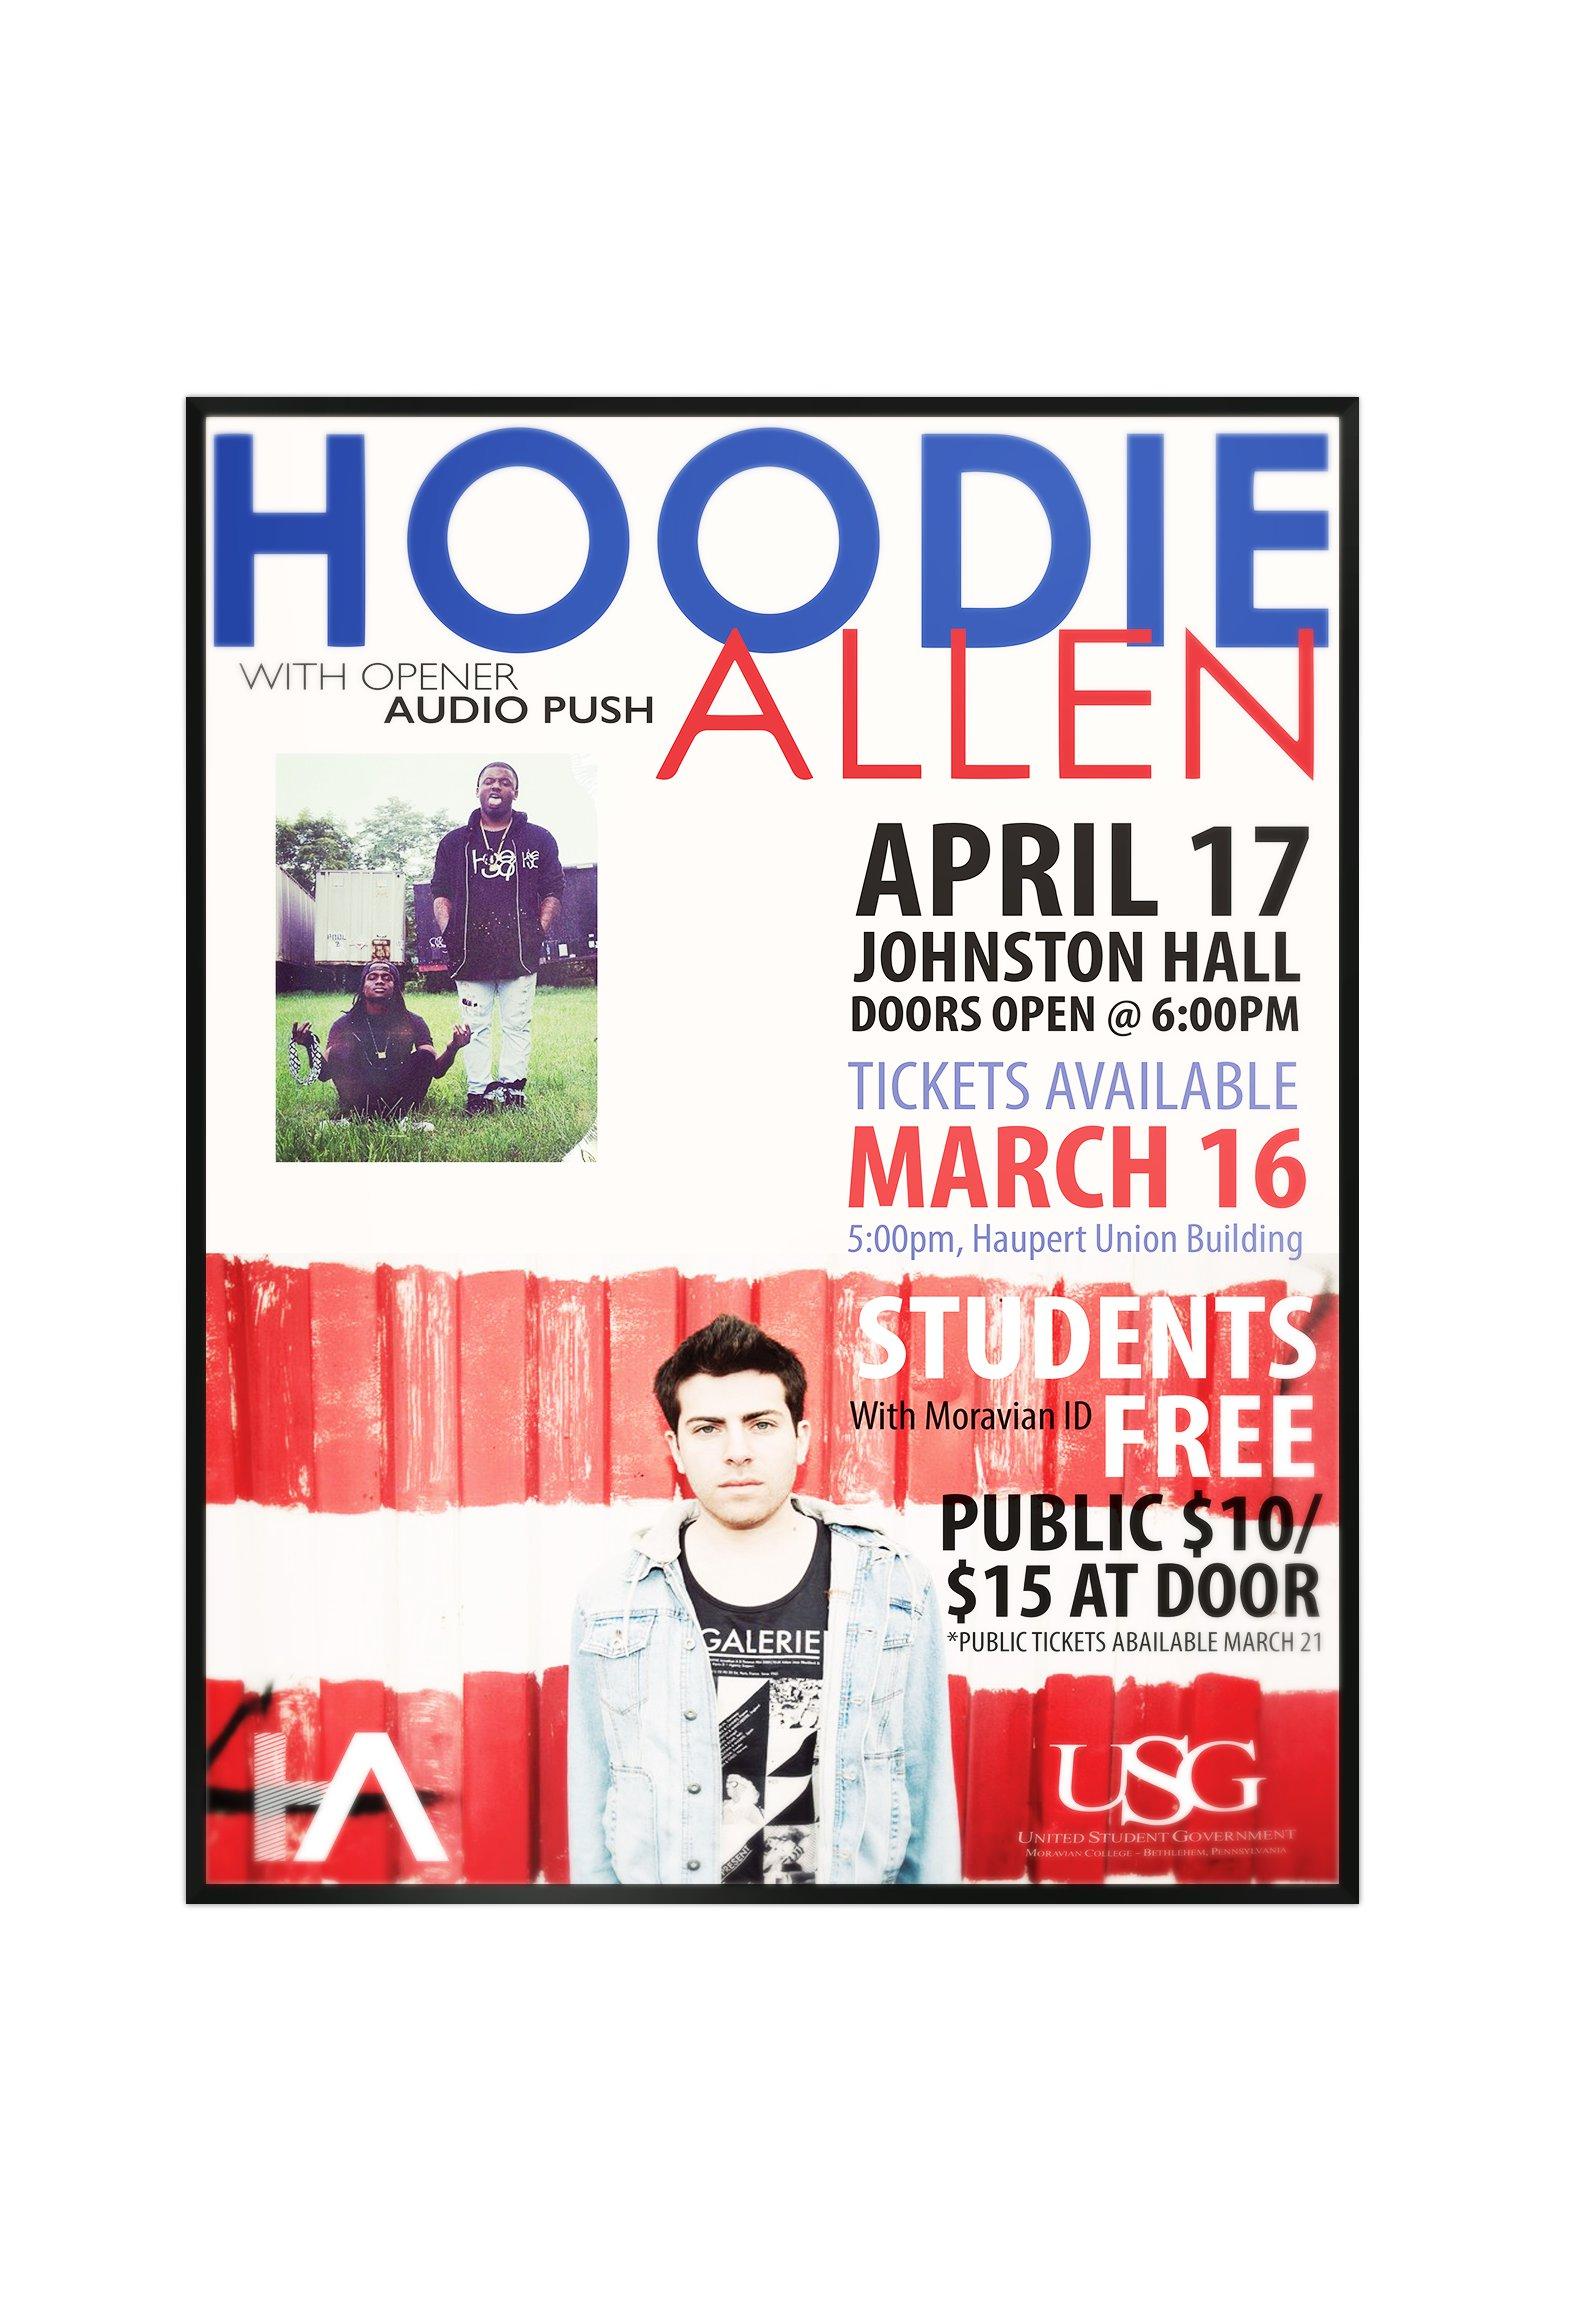 Hoodie Allen Promotion